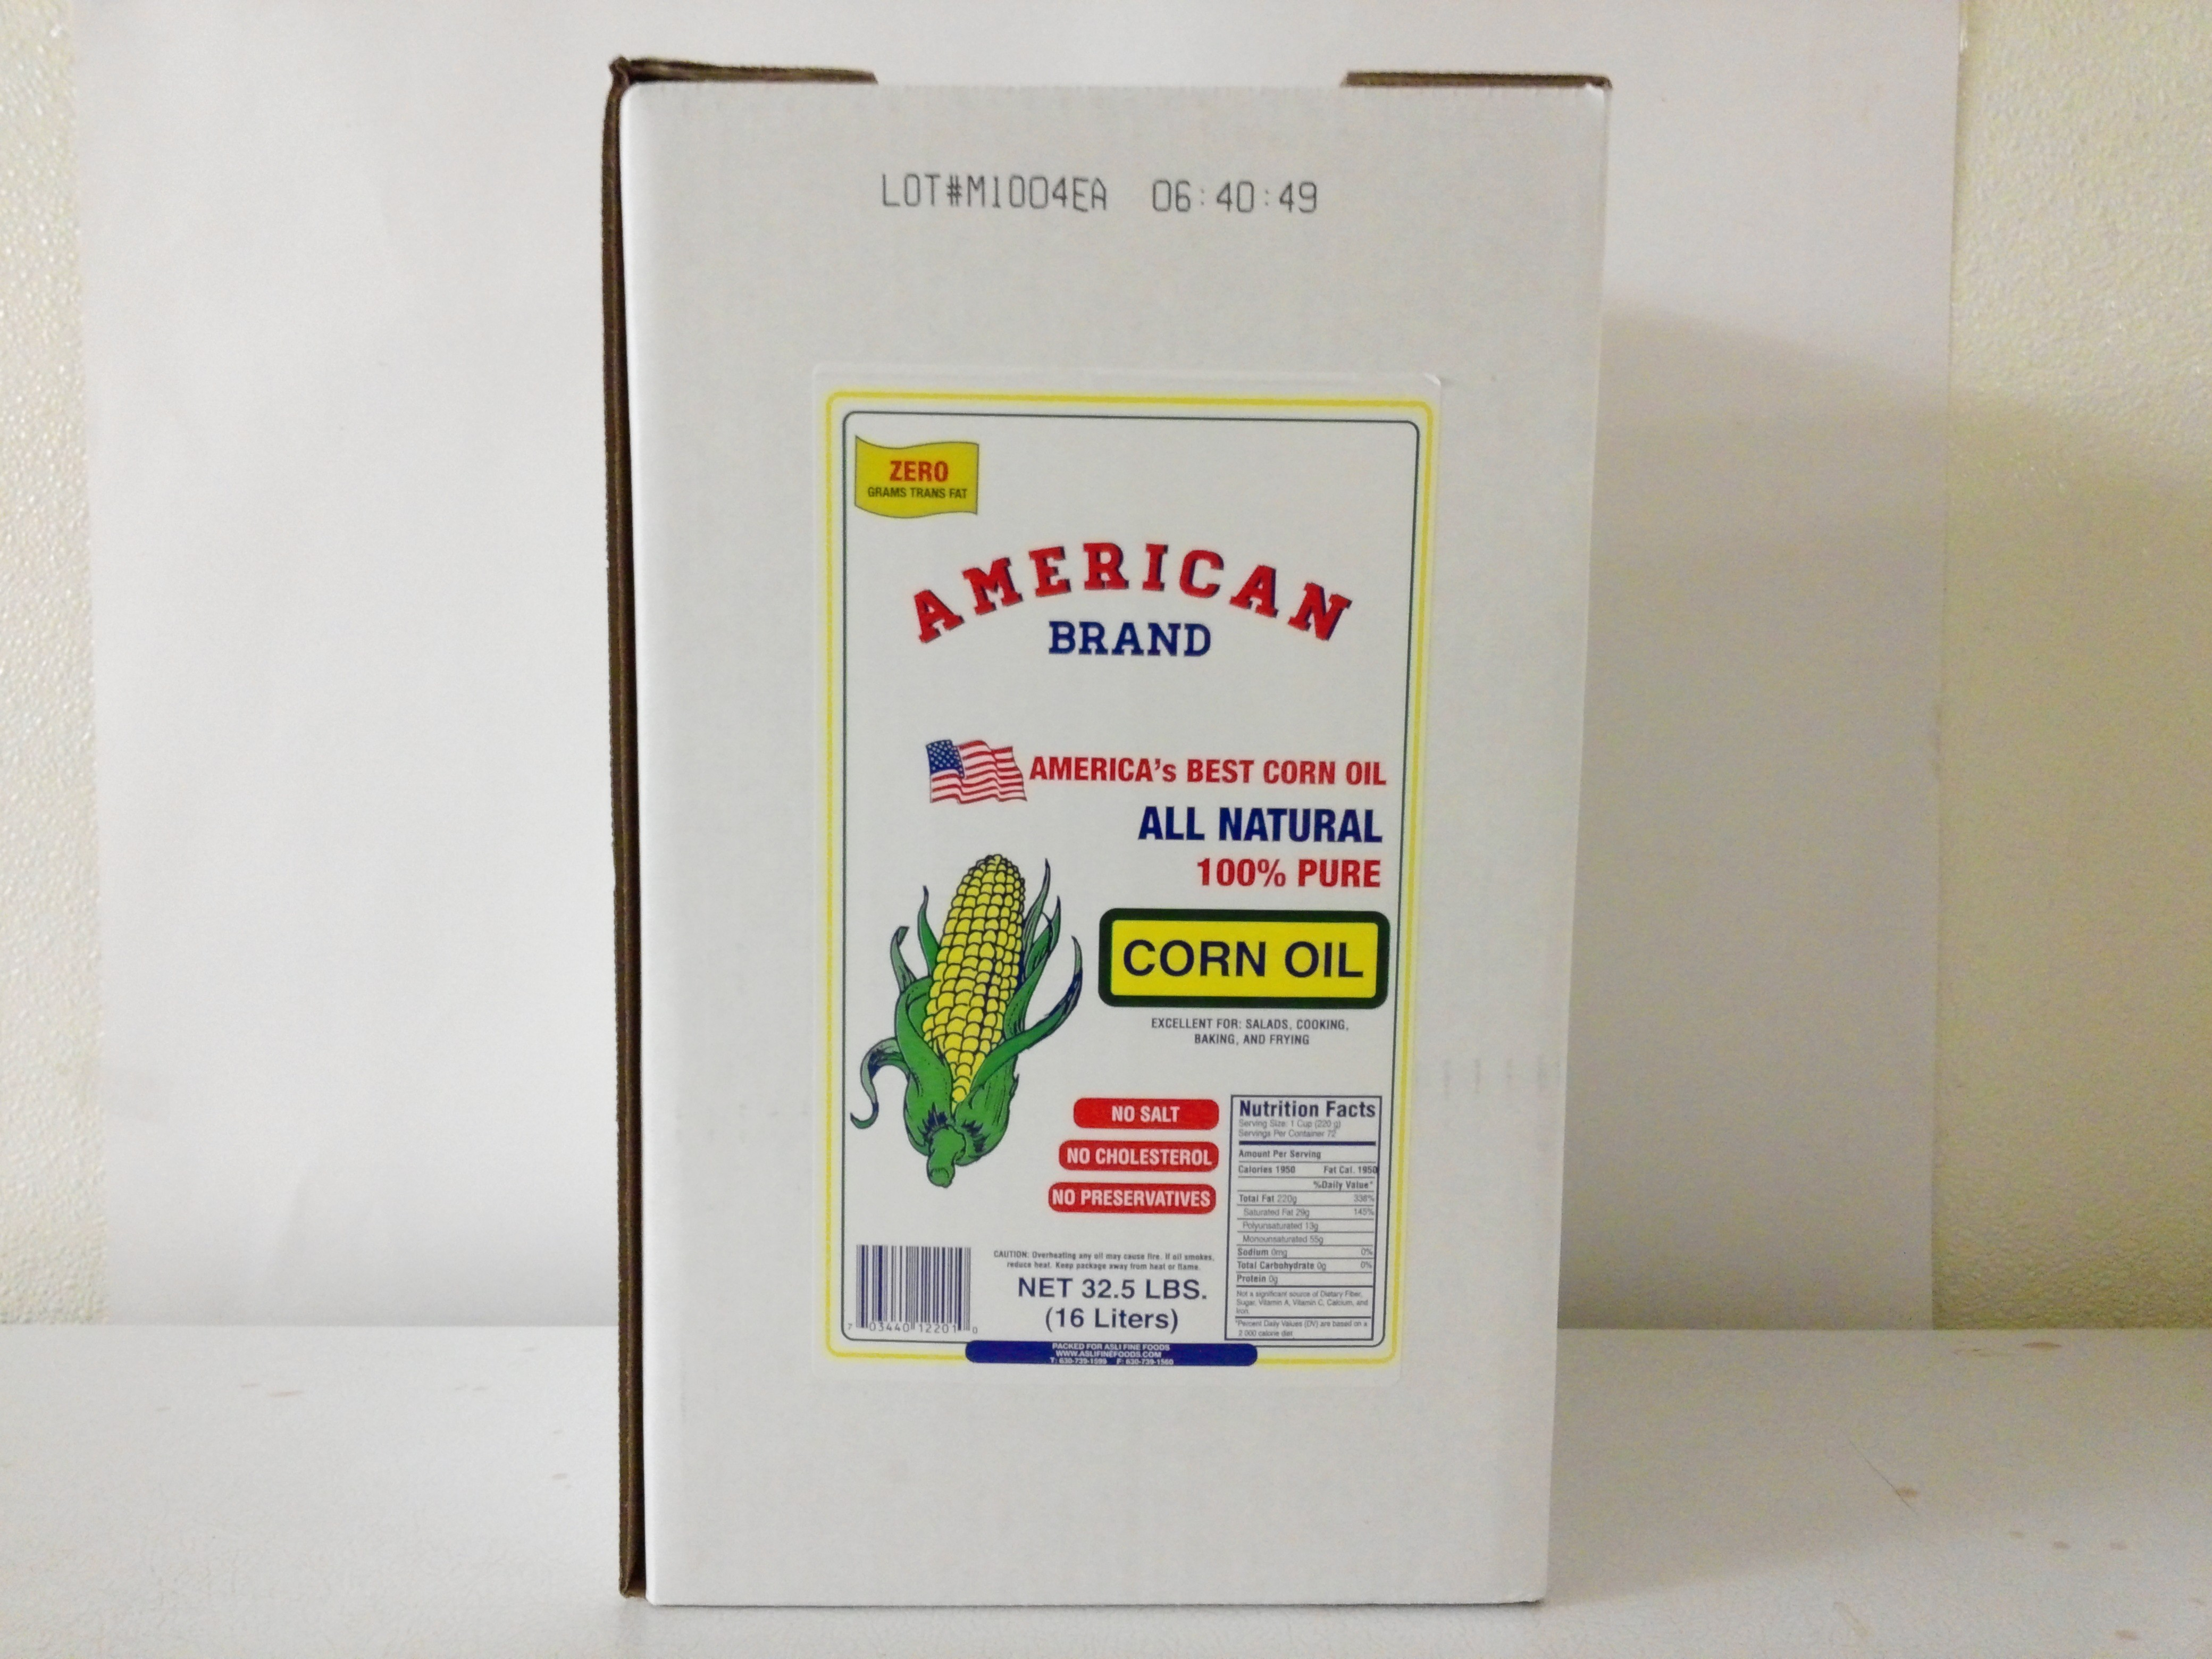 American Brand Corn Oil 32.5 Lbs